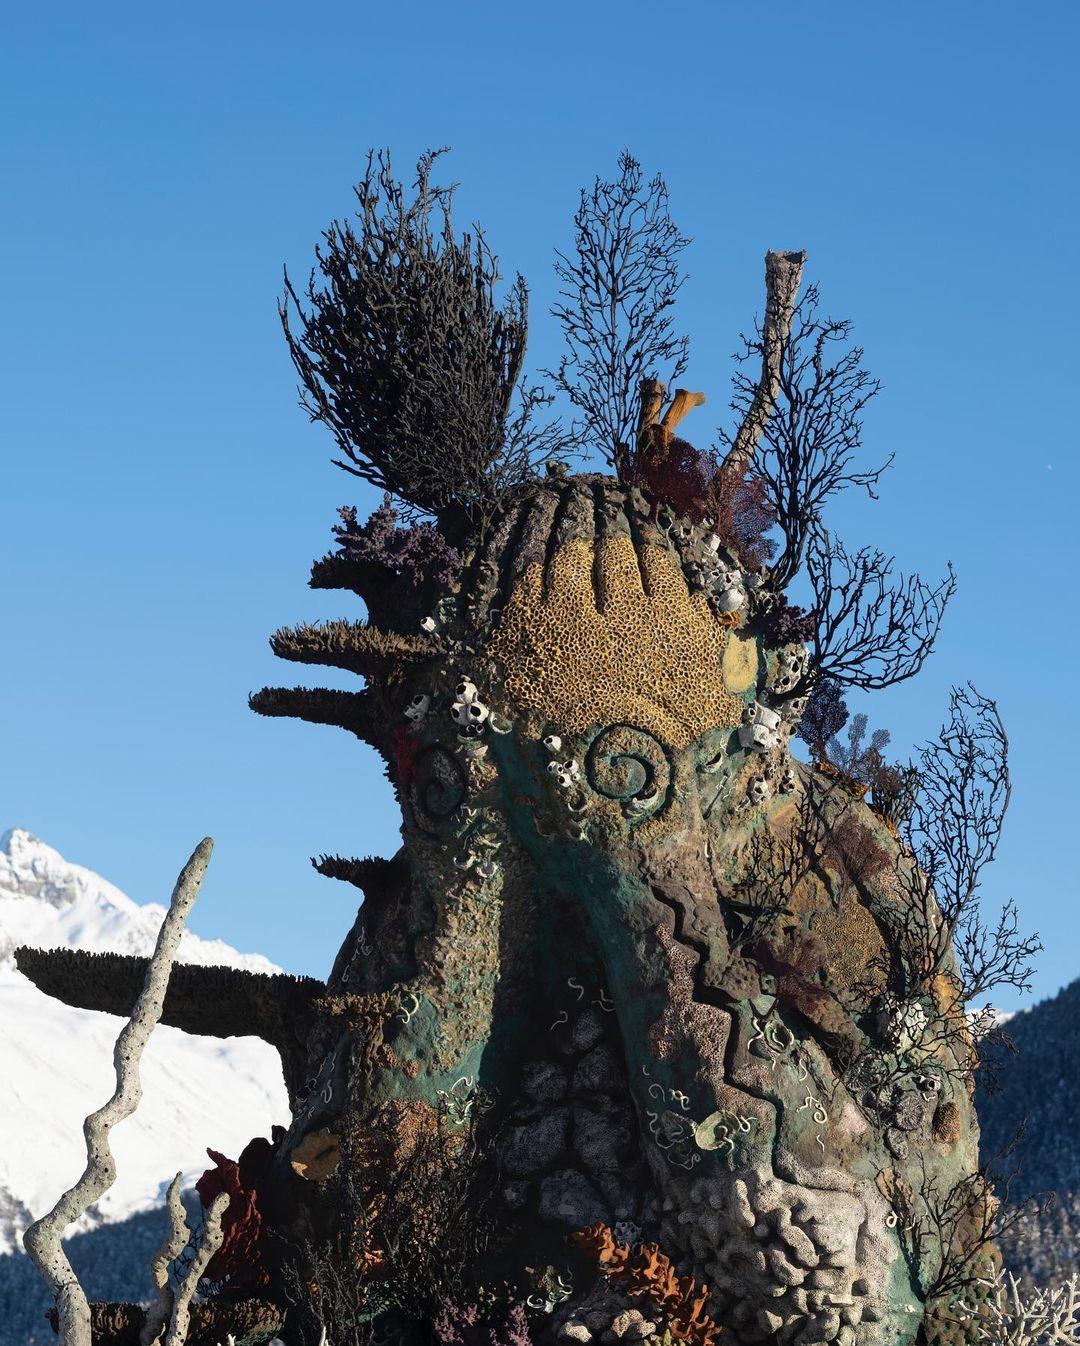 Damien Hirst, The Monk, 2021, St Moritz, Lake (4)